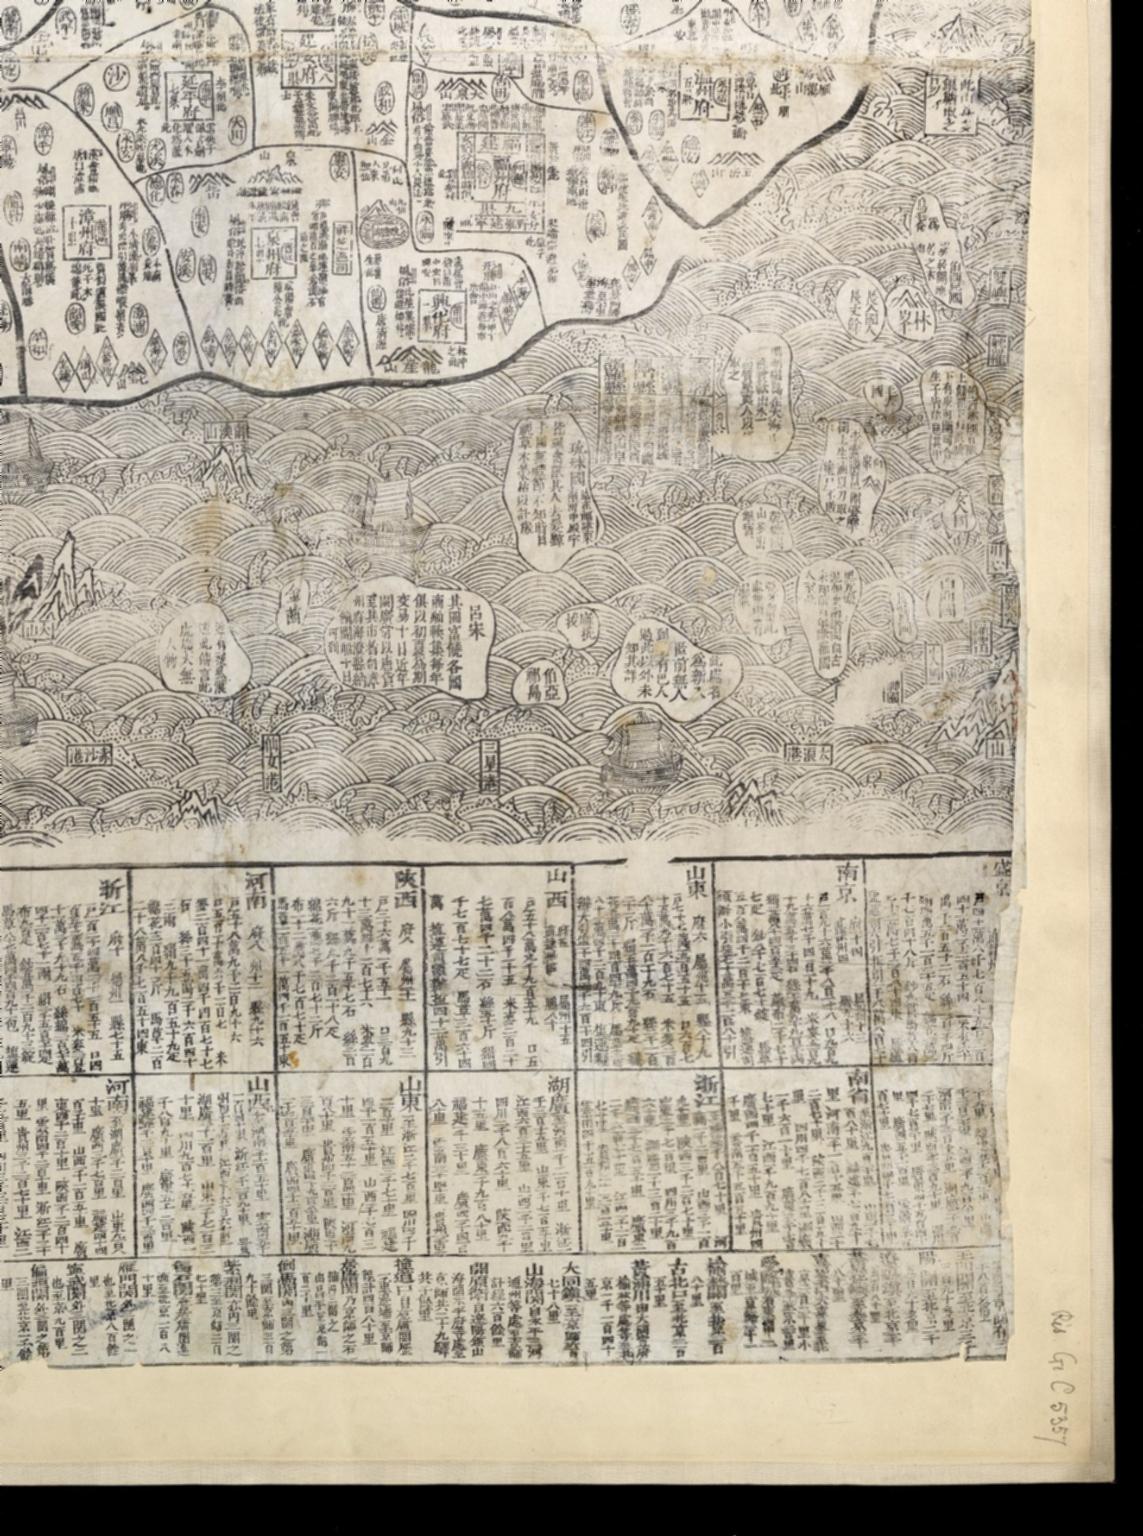 [Carte de la Chine]. Part 16